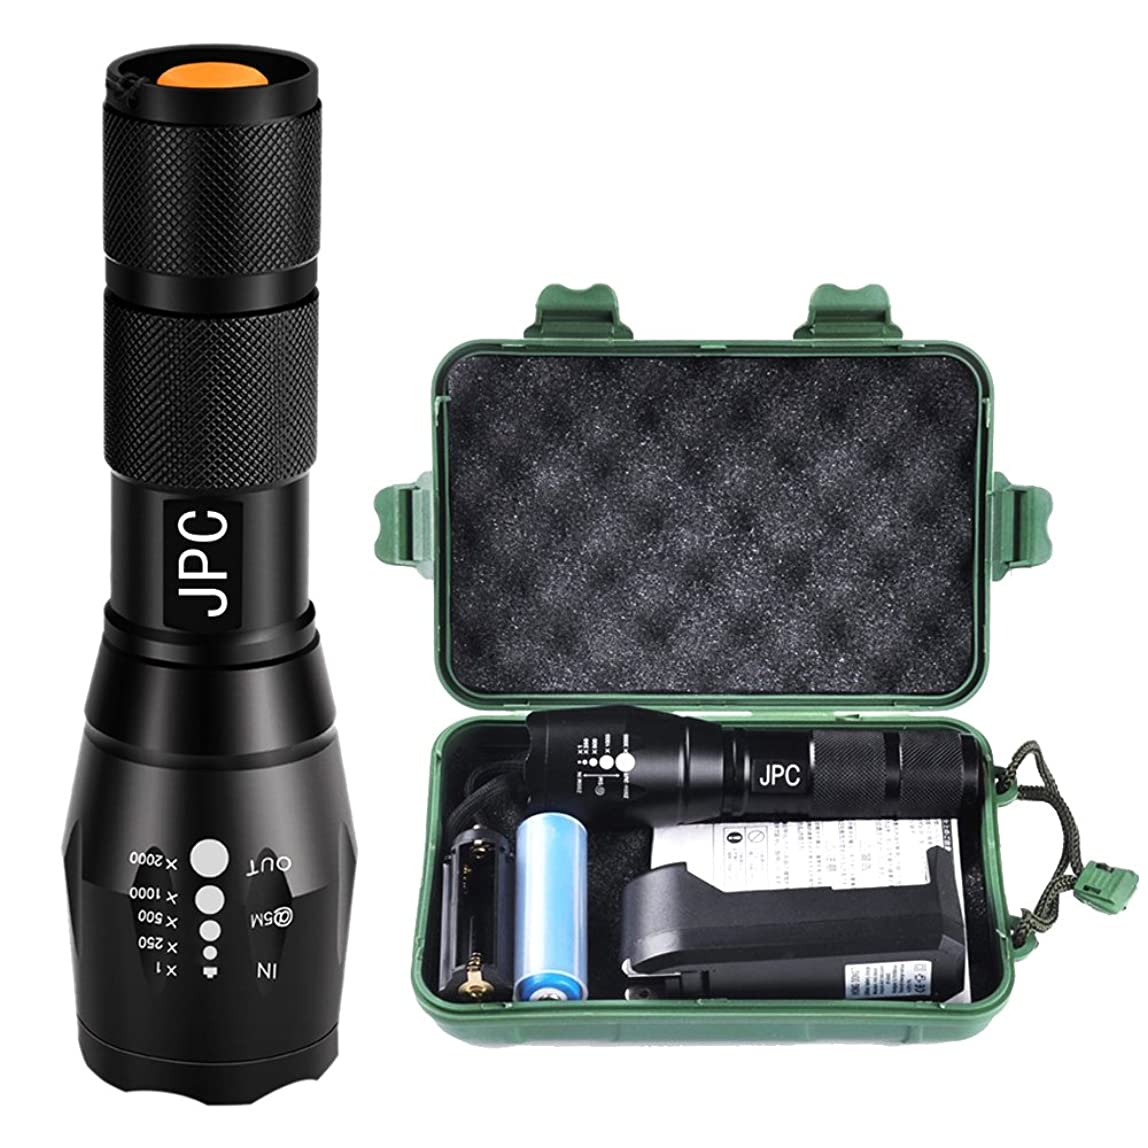 相手エンドウ黒板T6 LED 超明るい 懐中電灯 ハンディライト 防災 常備ライト 1000ルーメン 【JPC】 バッテリーと充電器が付属